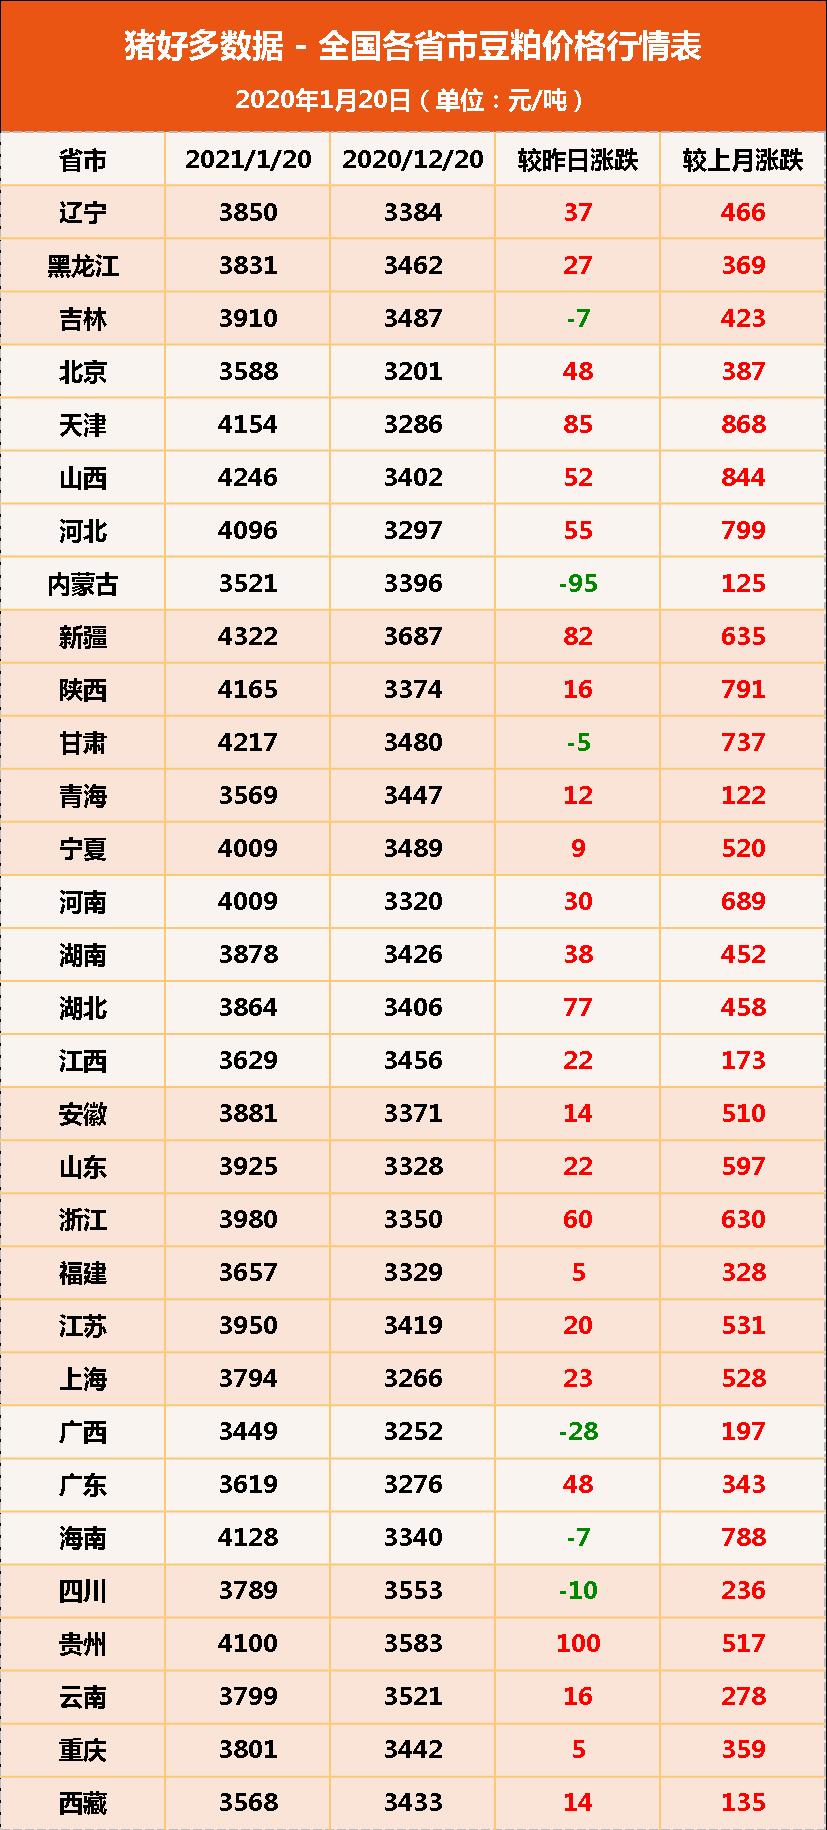 """1月20日饲料原料:中储粮拍出""""天价""""玉米,豆粕也不甘示弱?"""